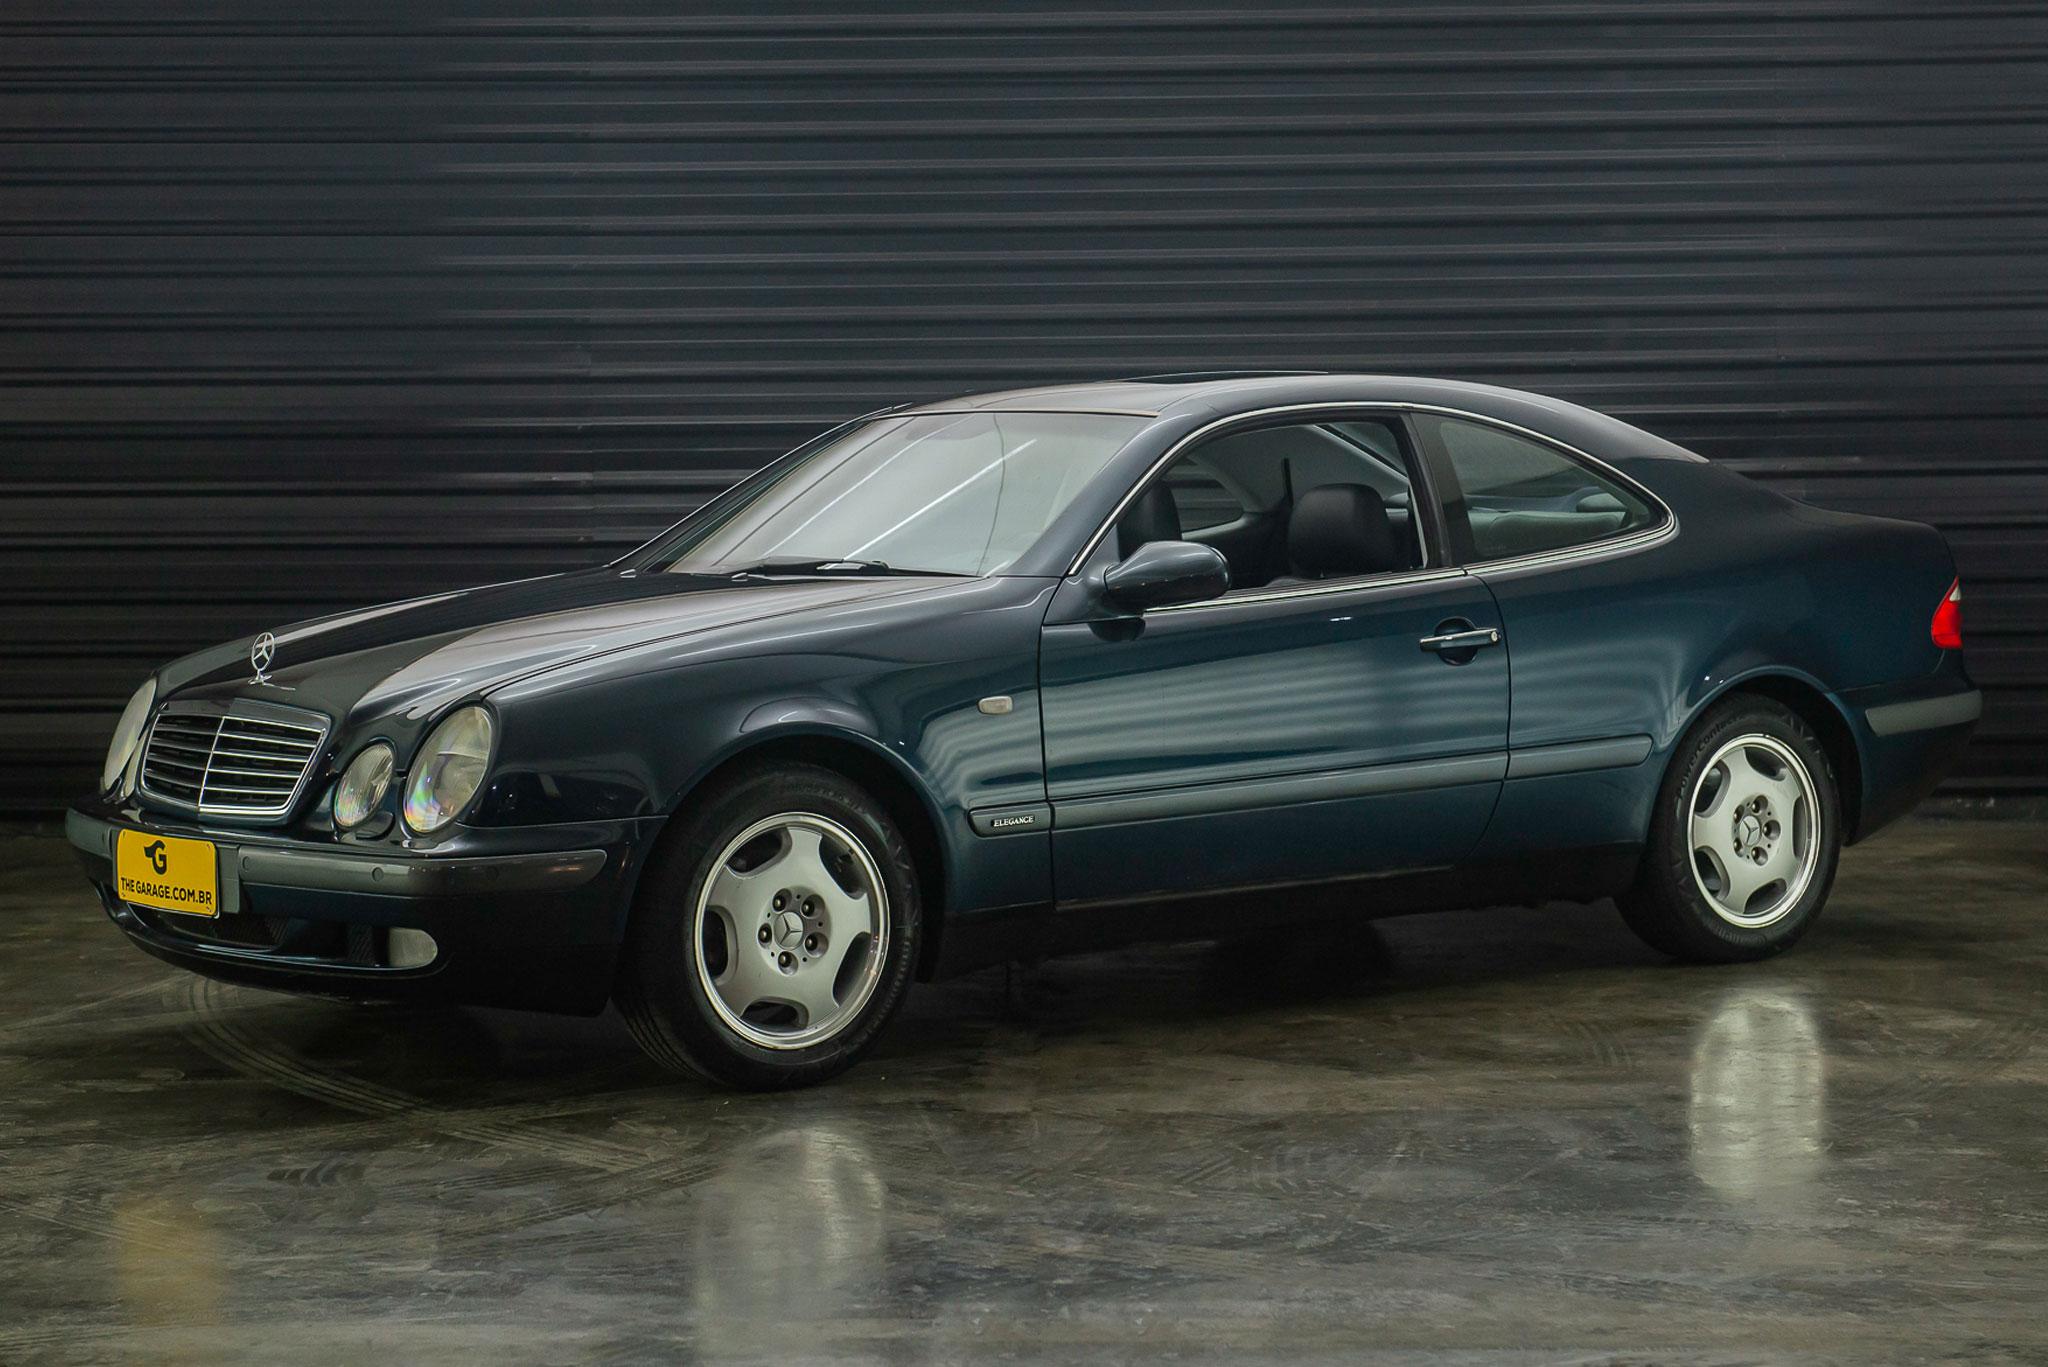 1999-Mercedes-Benz-CLK-320-a-venda-sao-paulo-sp-for-sale-the-garage-classicos-a-melhor-loja-de-carros-antigos-acervo-de-carros-25